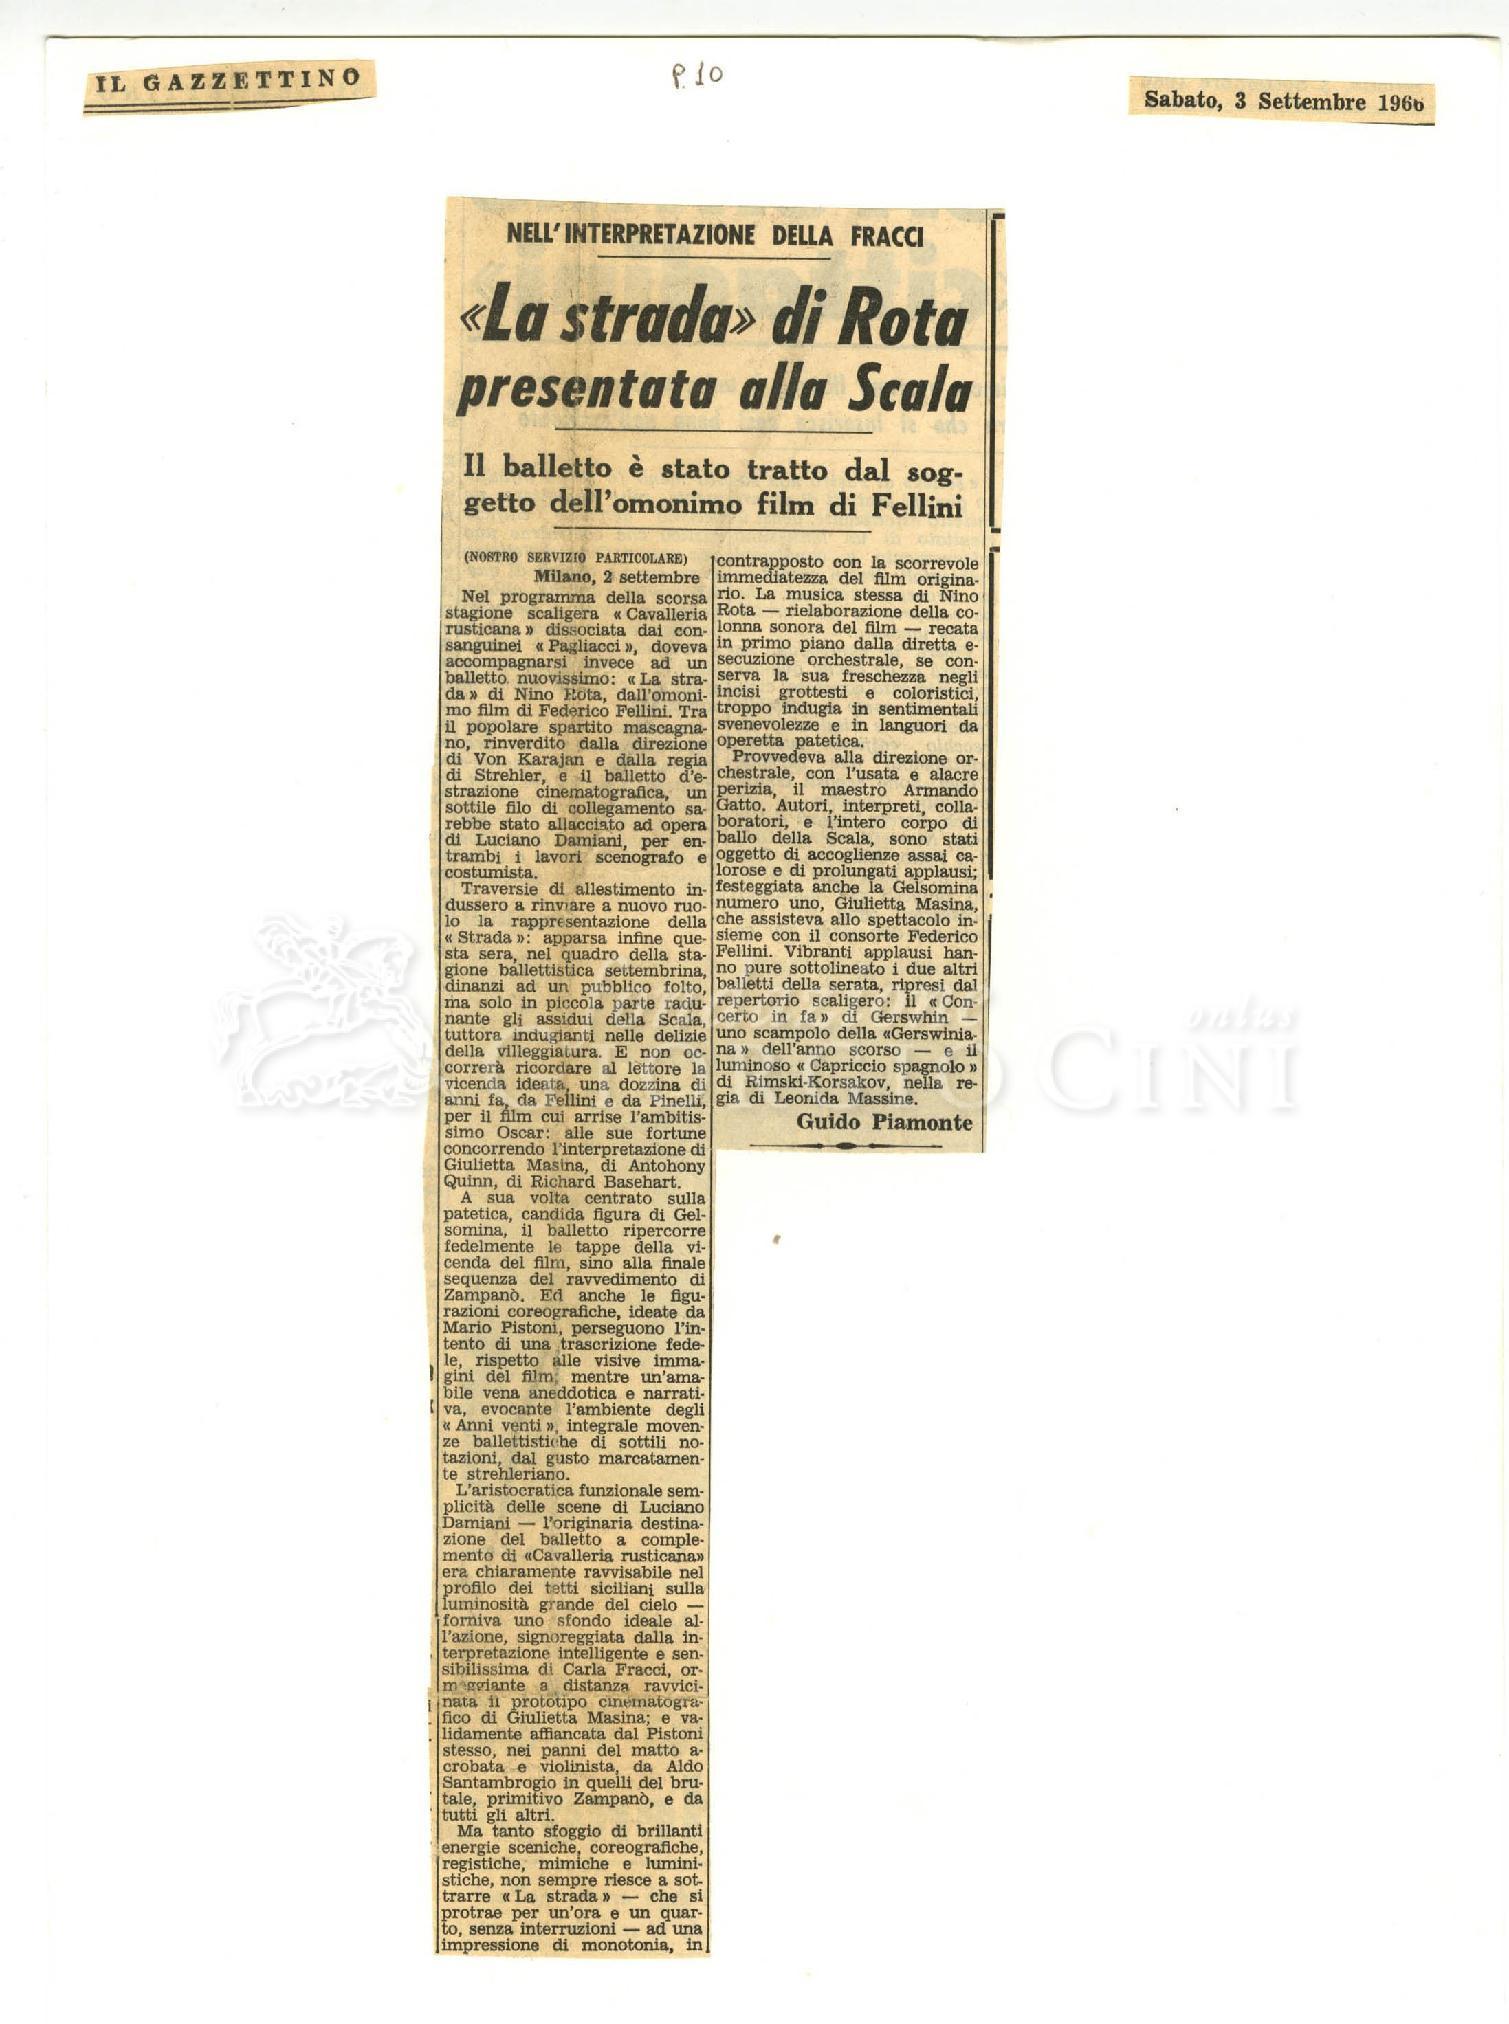 'La strada' di Rota presentata alla Scala  : Il balletto è stato tratto dall'omonimo film di Fellini 03 settembre 1966